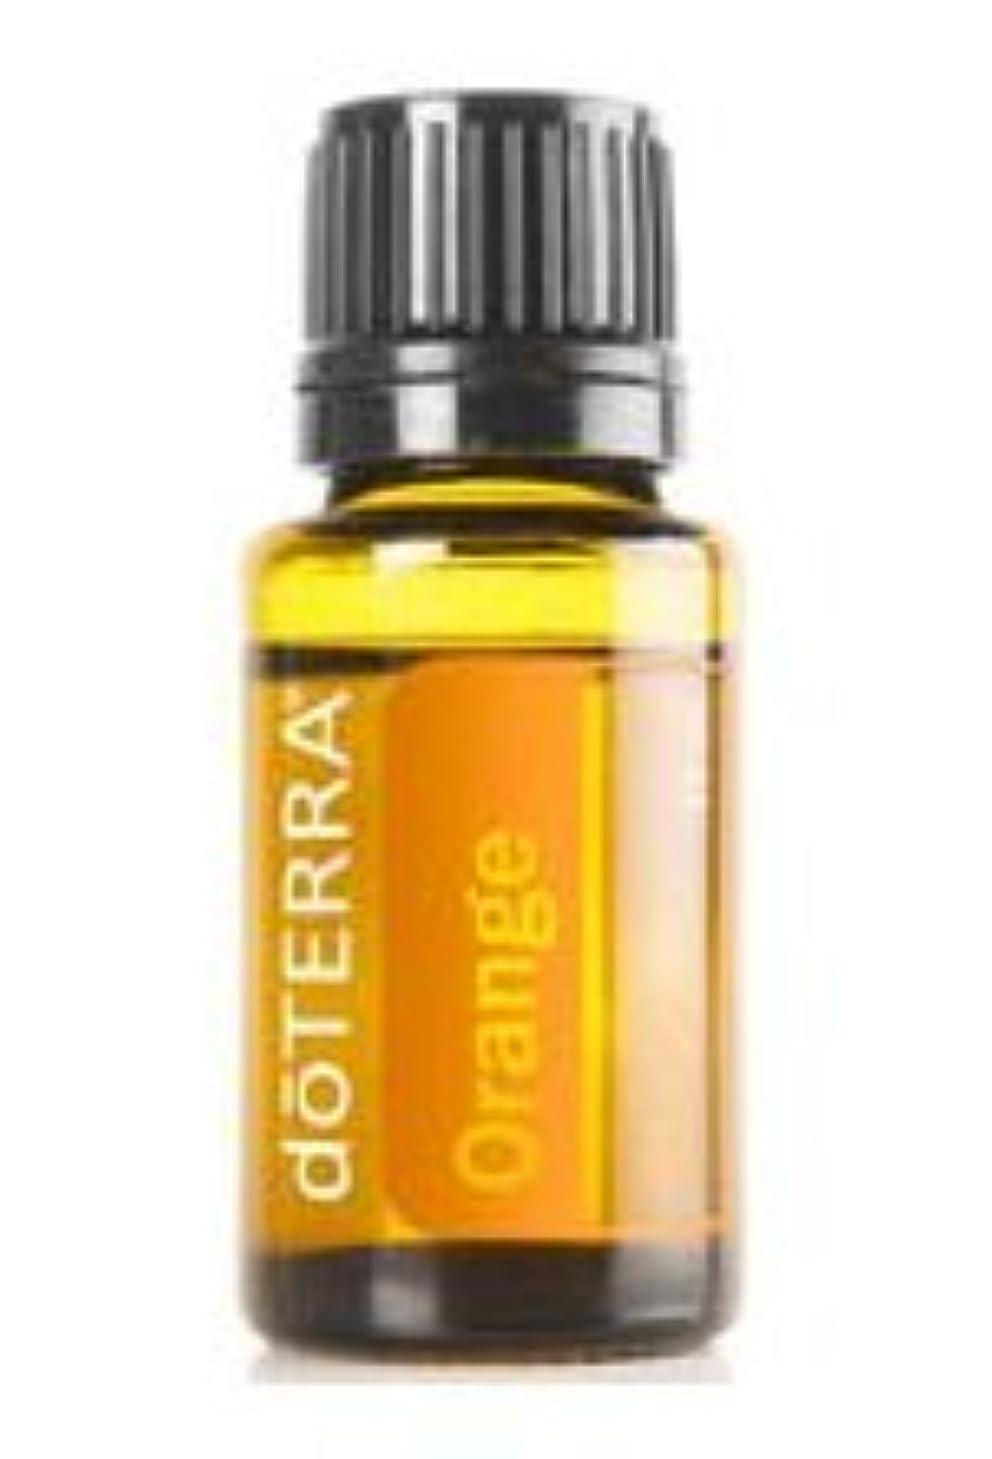 到着する寝室を掃除する累計【doTERRA】 100%天然 エッセンシャルアロマオイル doTERRA オレンジ 15mL アロマオイル メディカルアロマ